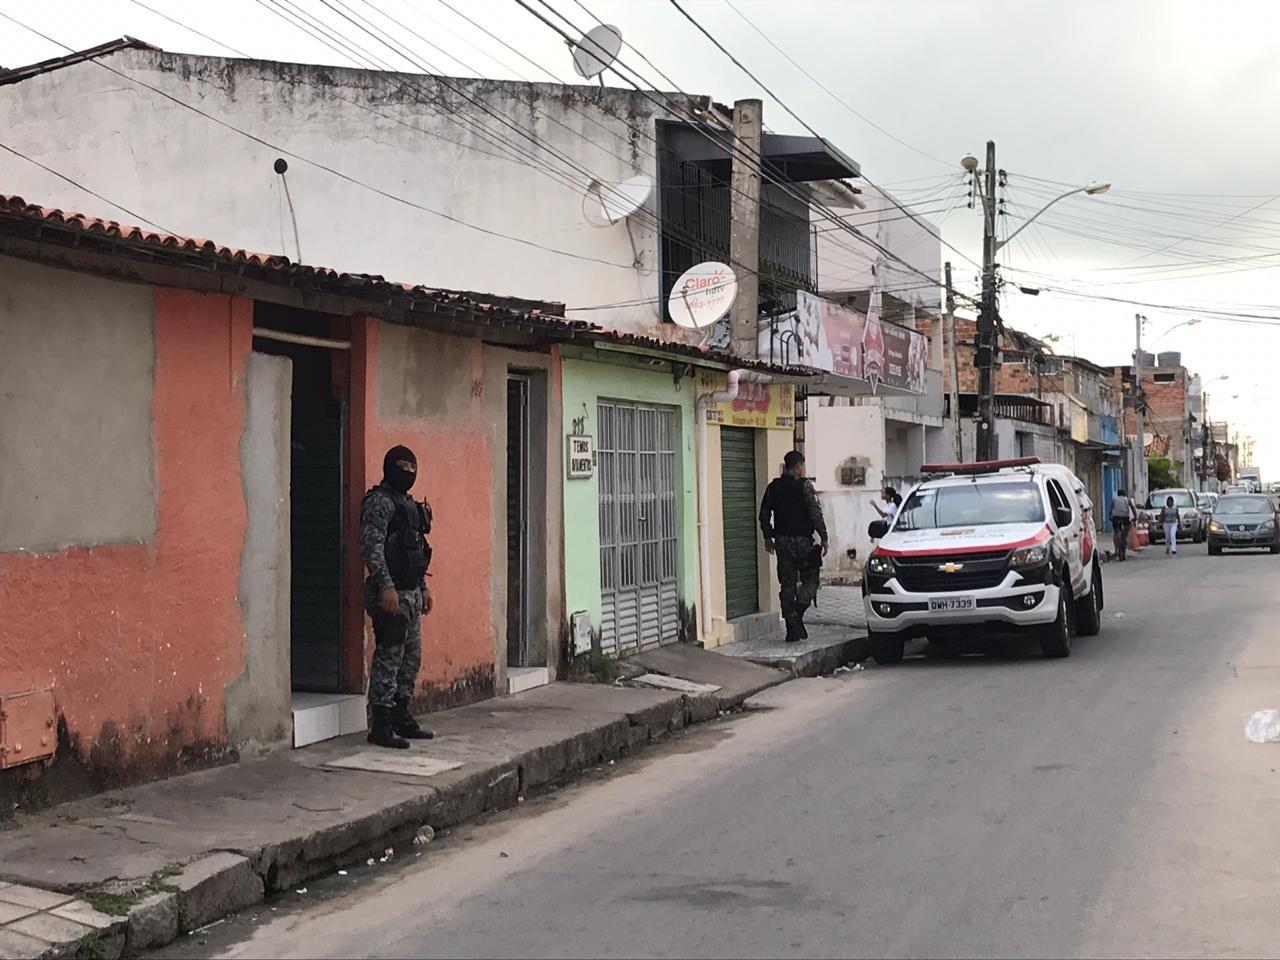 Operação policial cumpre mandados de prisão e busca e apreensão contra suspeitos de tráfico em Maceió - Notícias - Plantão Diário